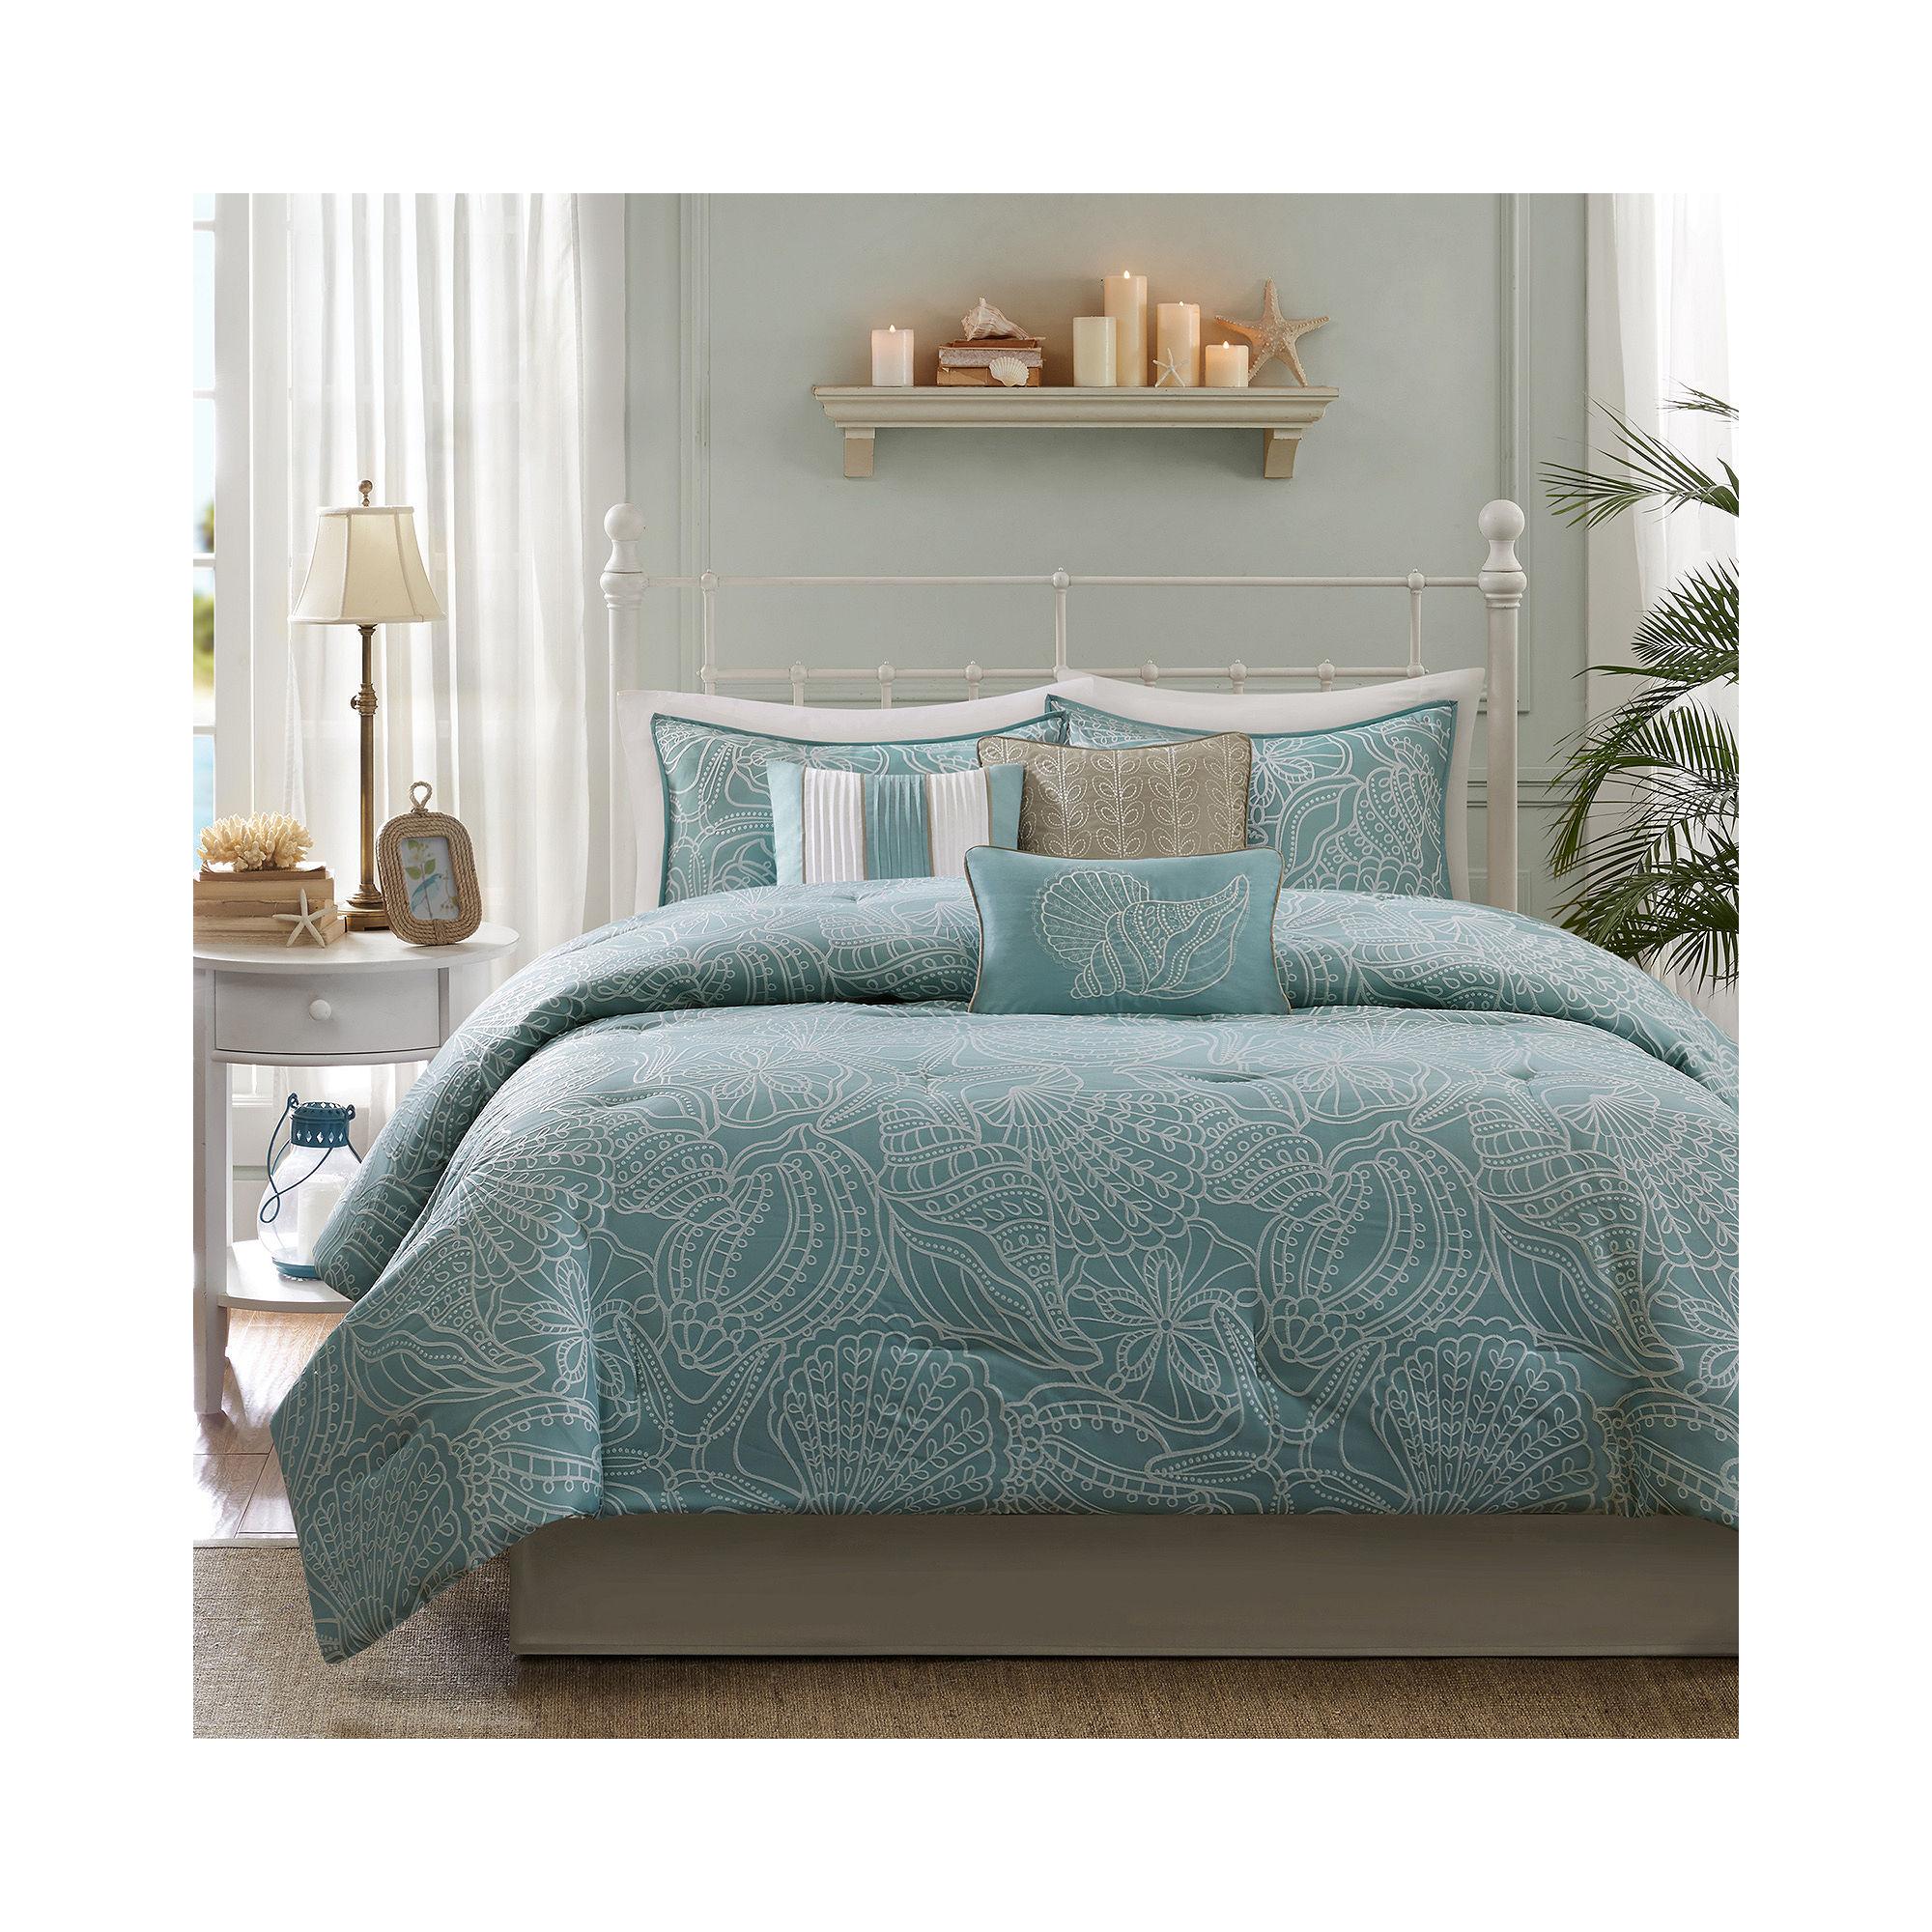 Get madison park seaside 7 pc comforter set limited Cal king bedroom sets